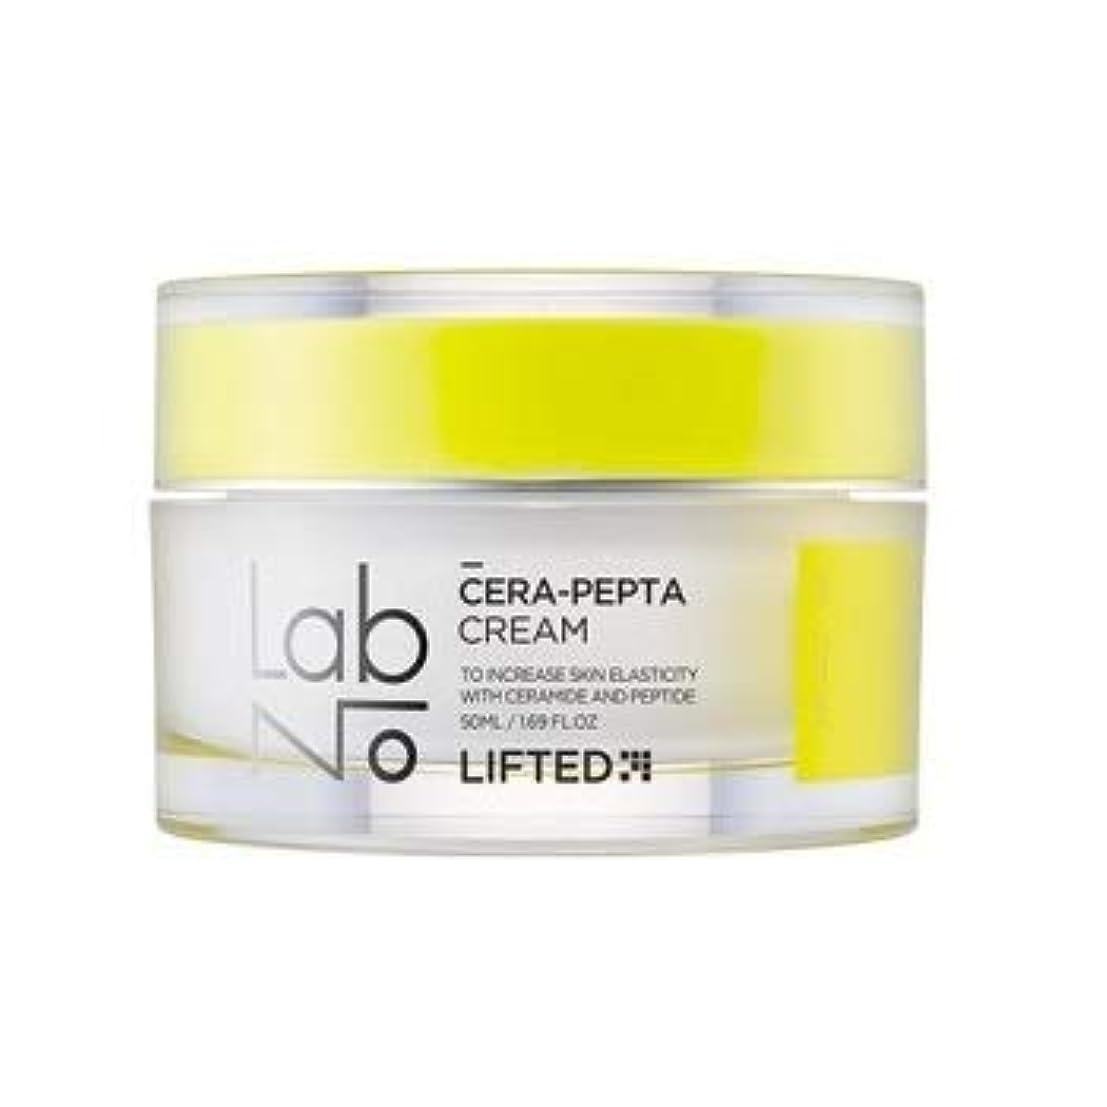 あえぎシート植物のLabNo リフテッド セラ-ペプタ クリーム / Lifted Sera-Pepta Cream (50ml) [並行輸入品]